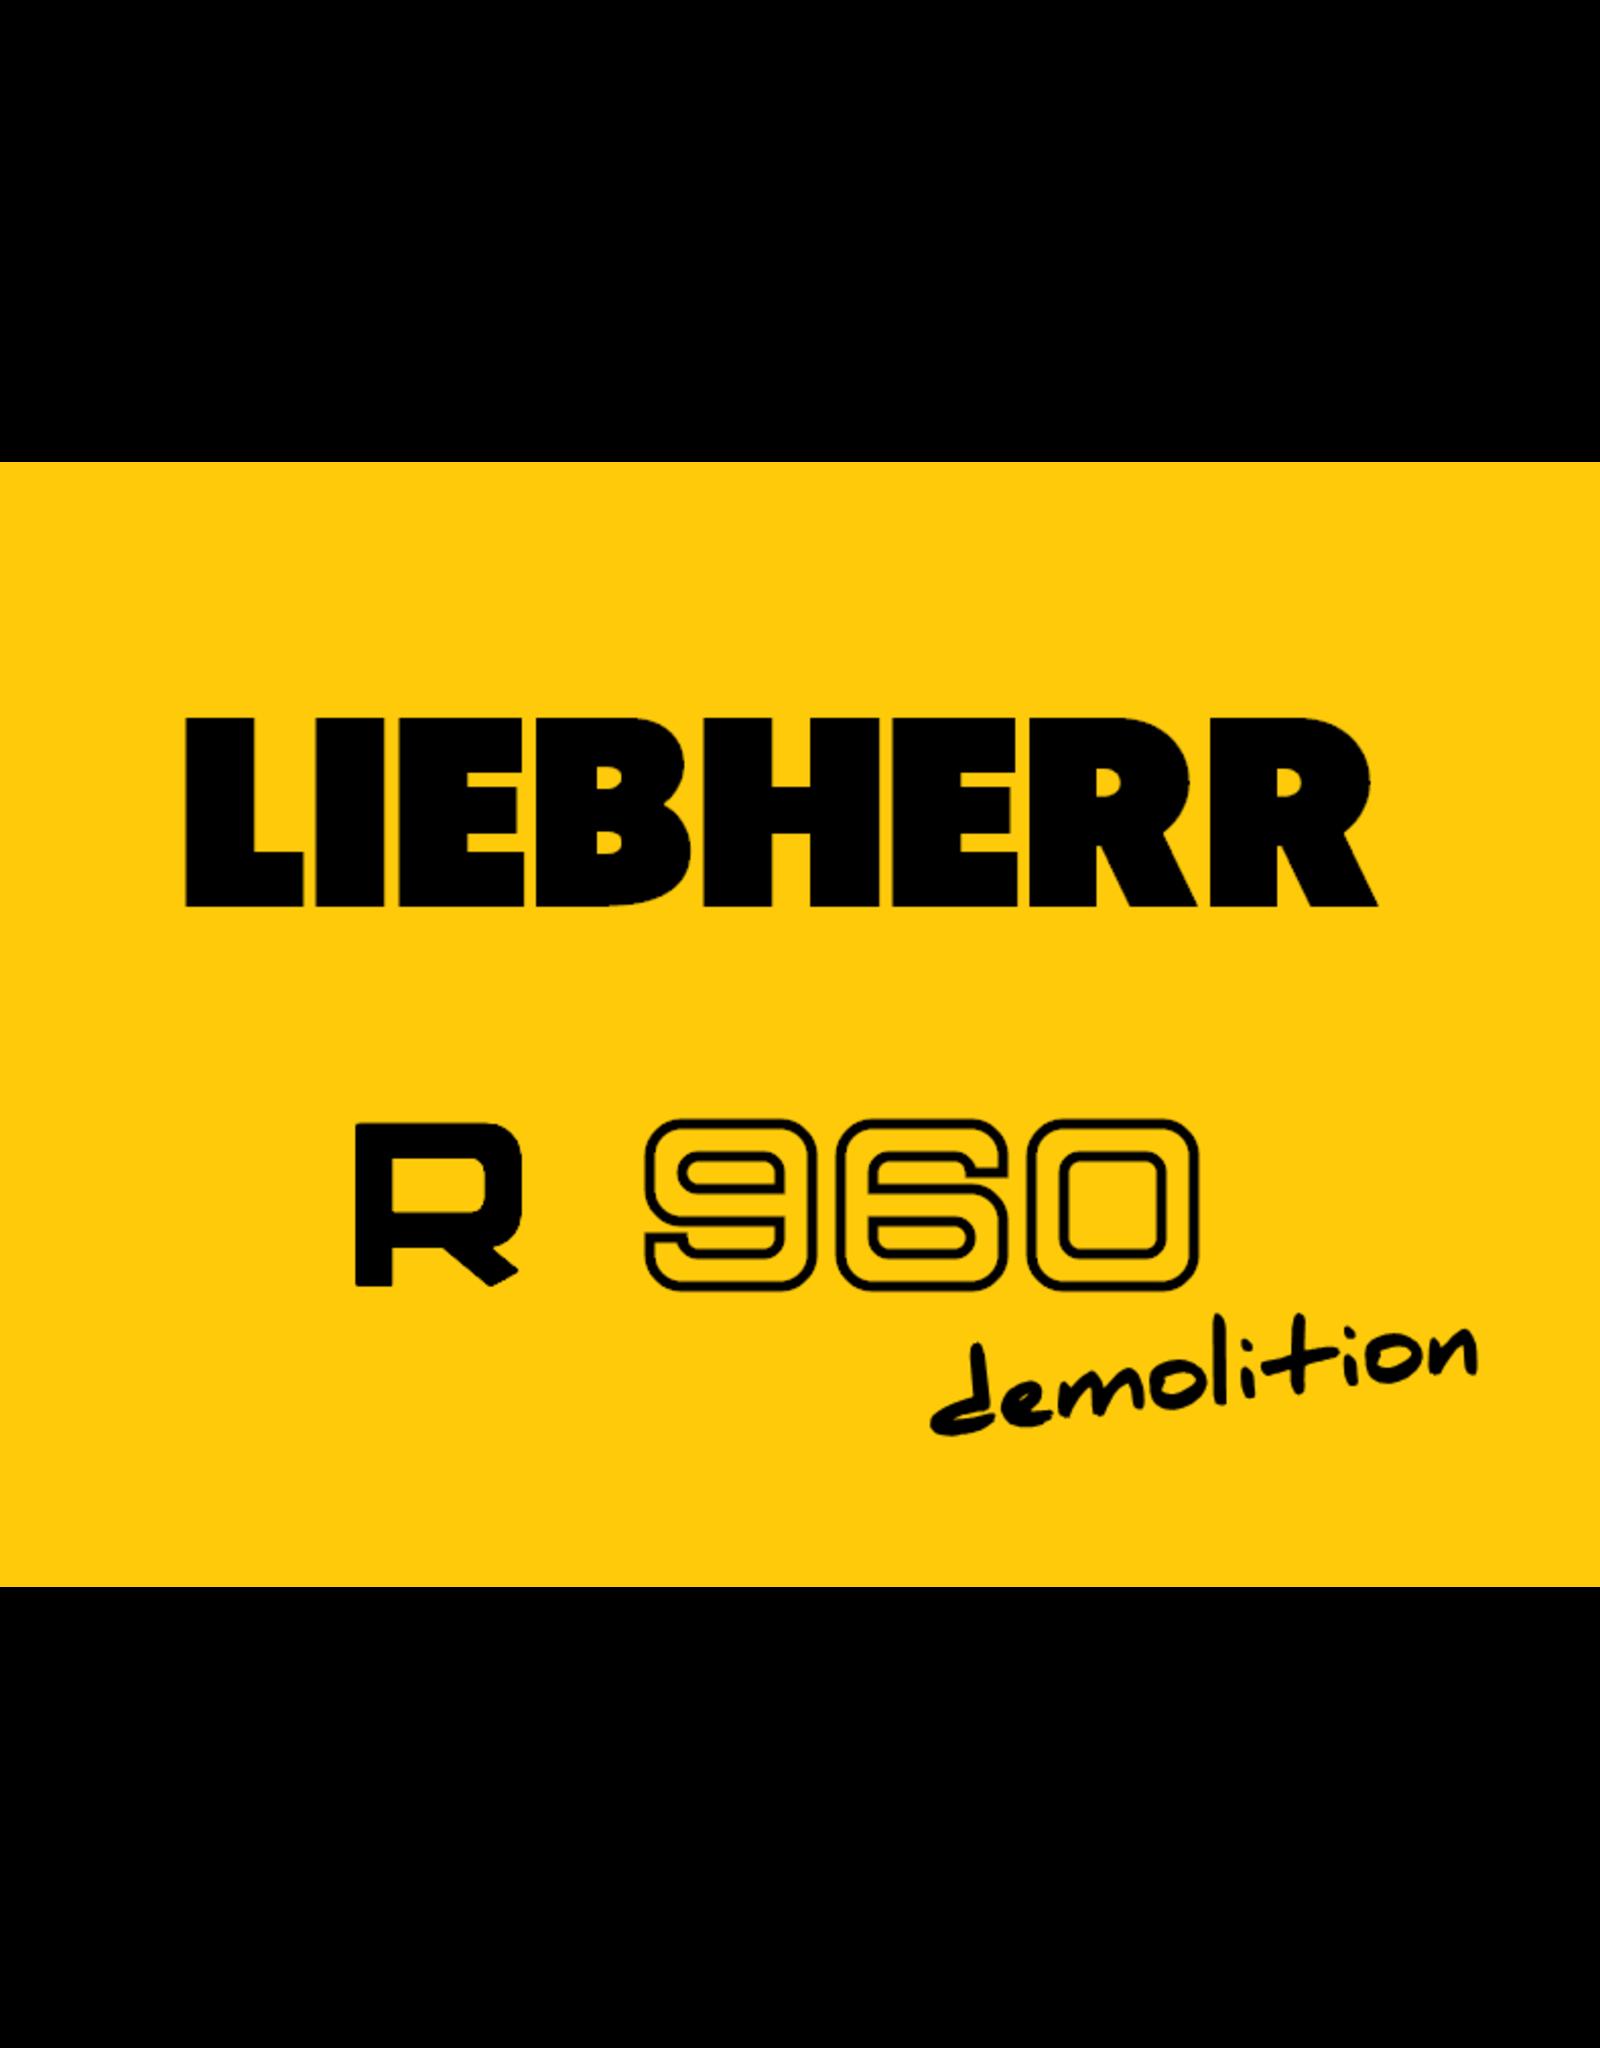 Echle Hartstahl GmbH FOPS for Liebherr R 960 Demolition